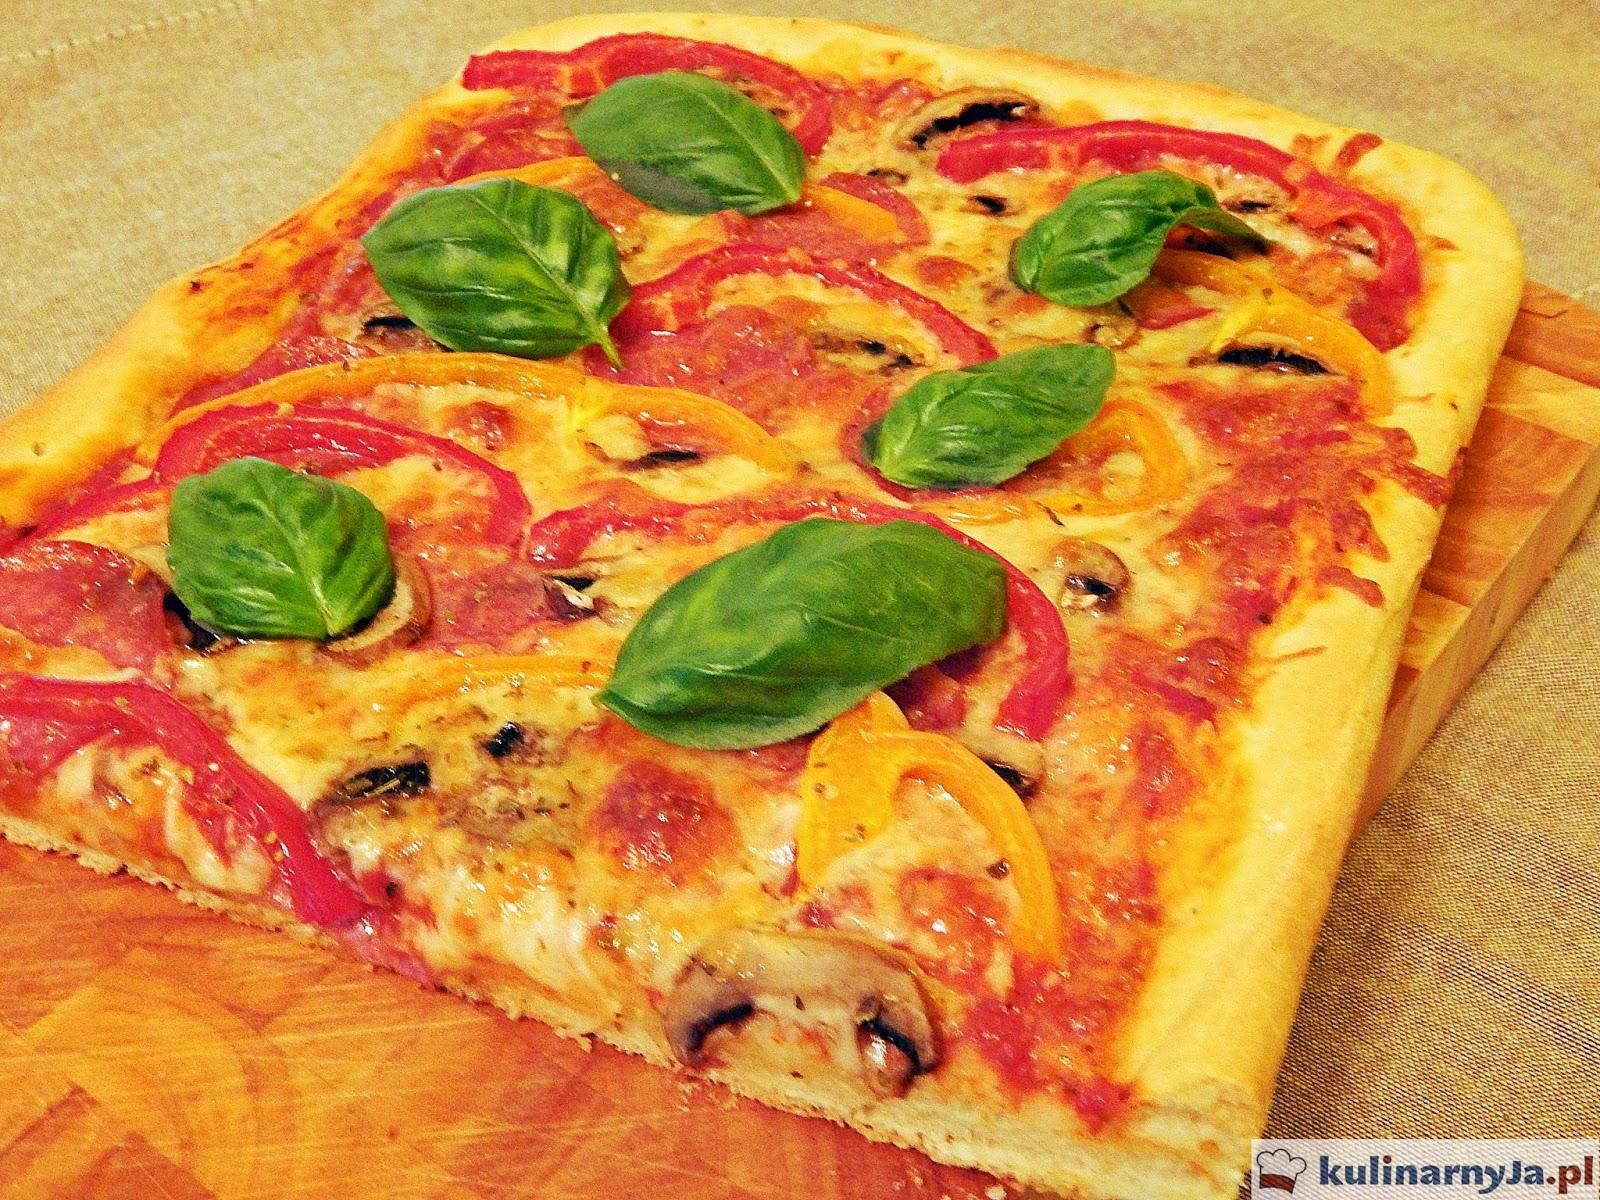 Domowa pizza z salami, pieczarkami i papryką